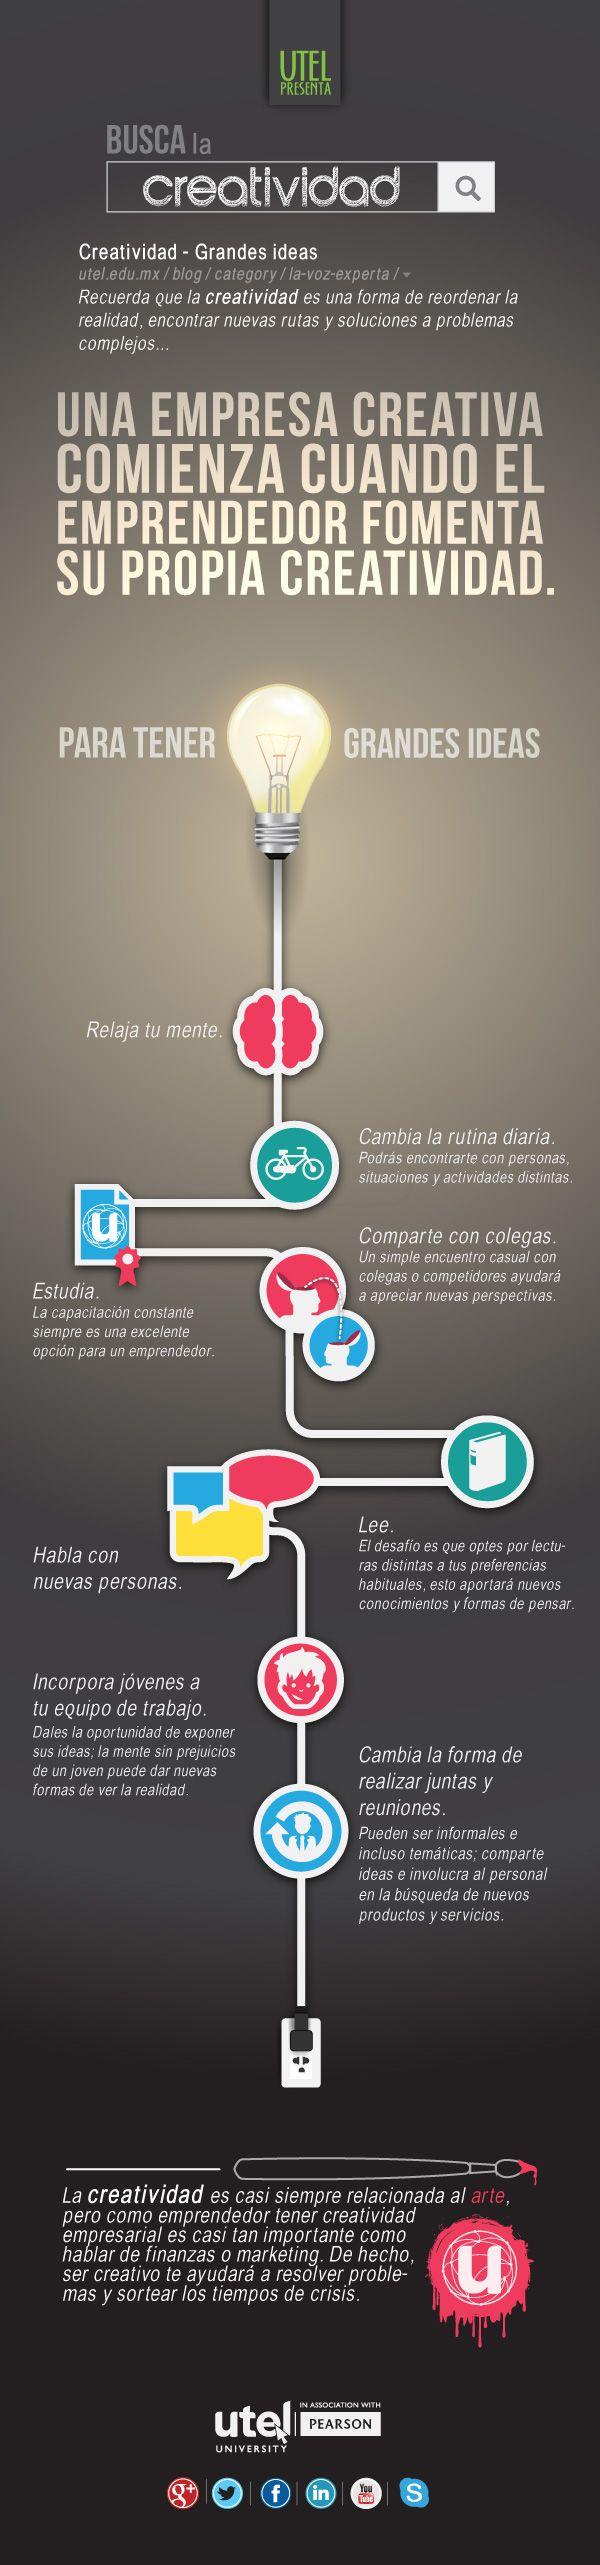 #Infografia #Curiosidades ¡Busca la creatividad! #TAVnews